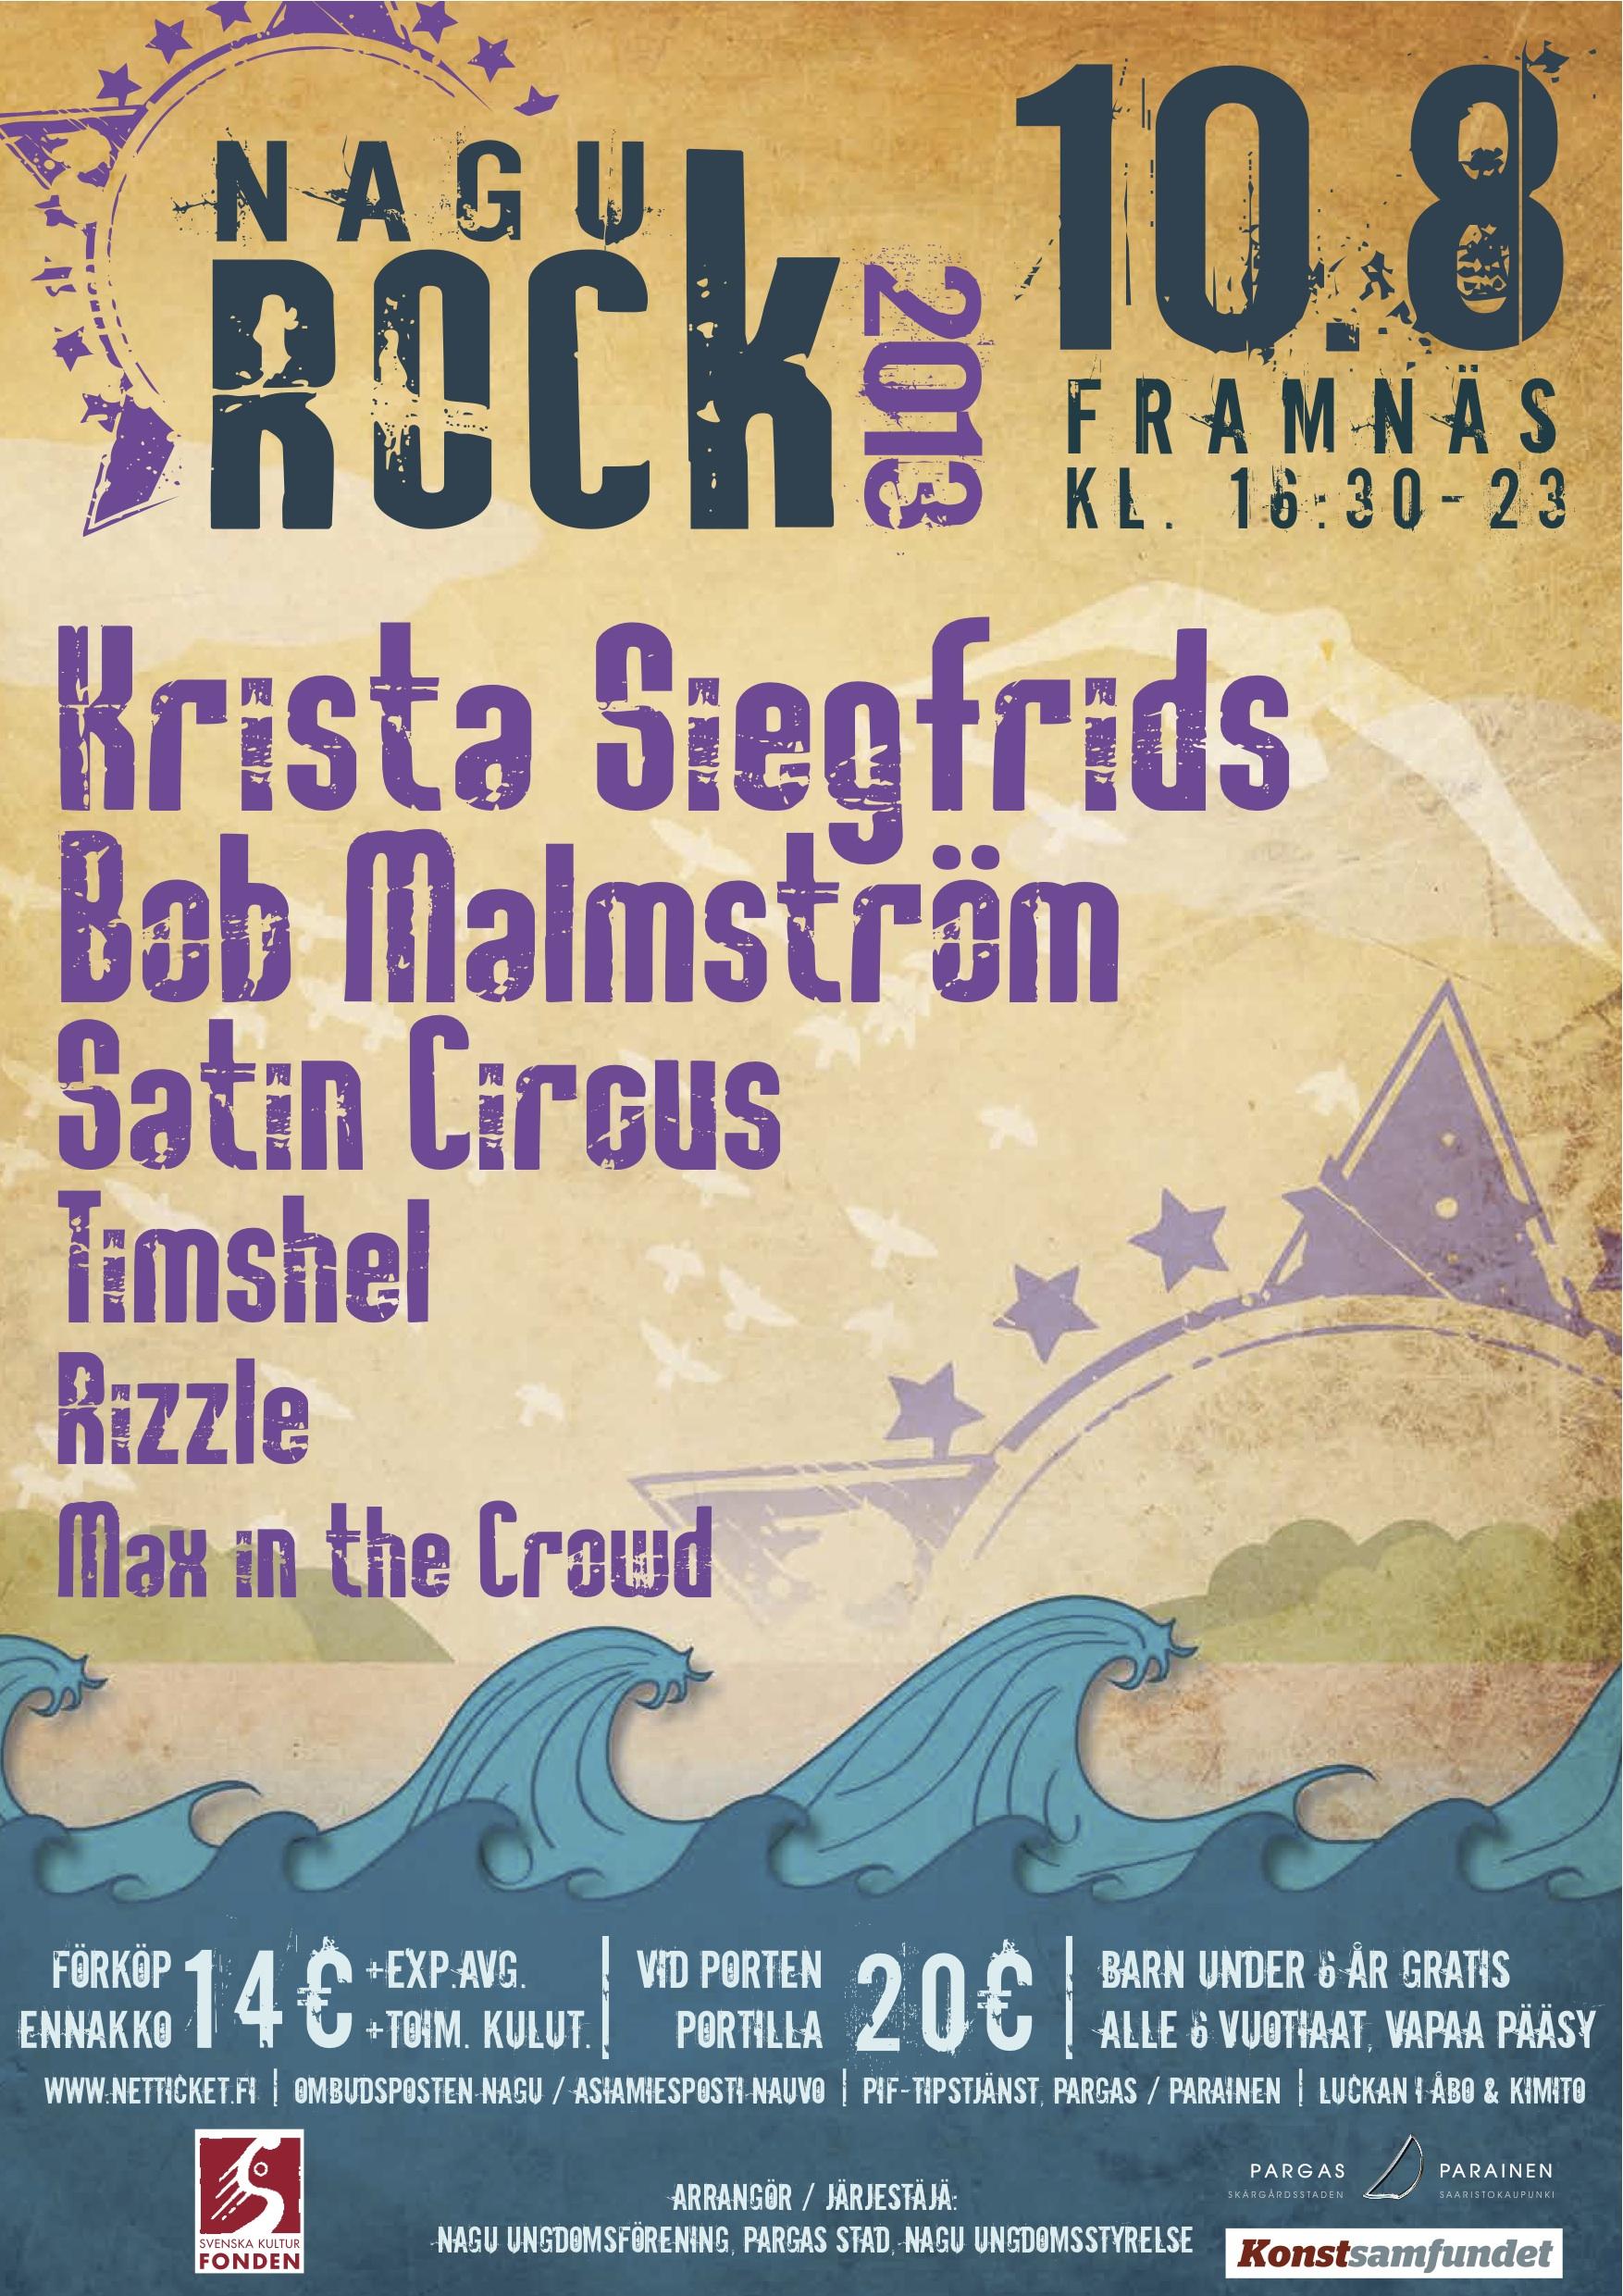 Nagu Rock 2013 – Poster